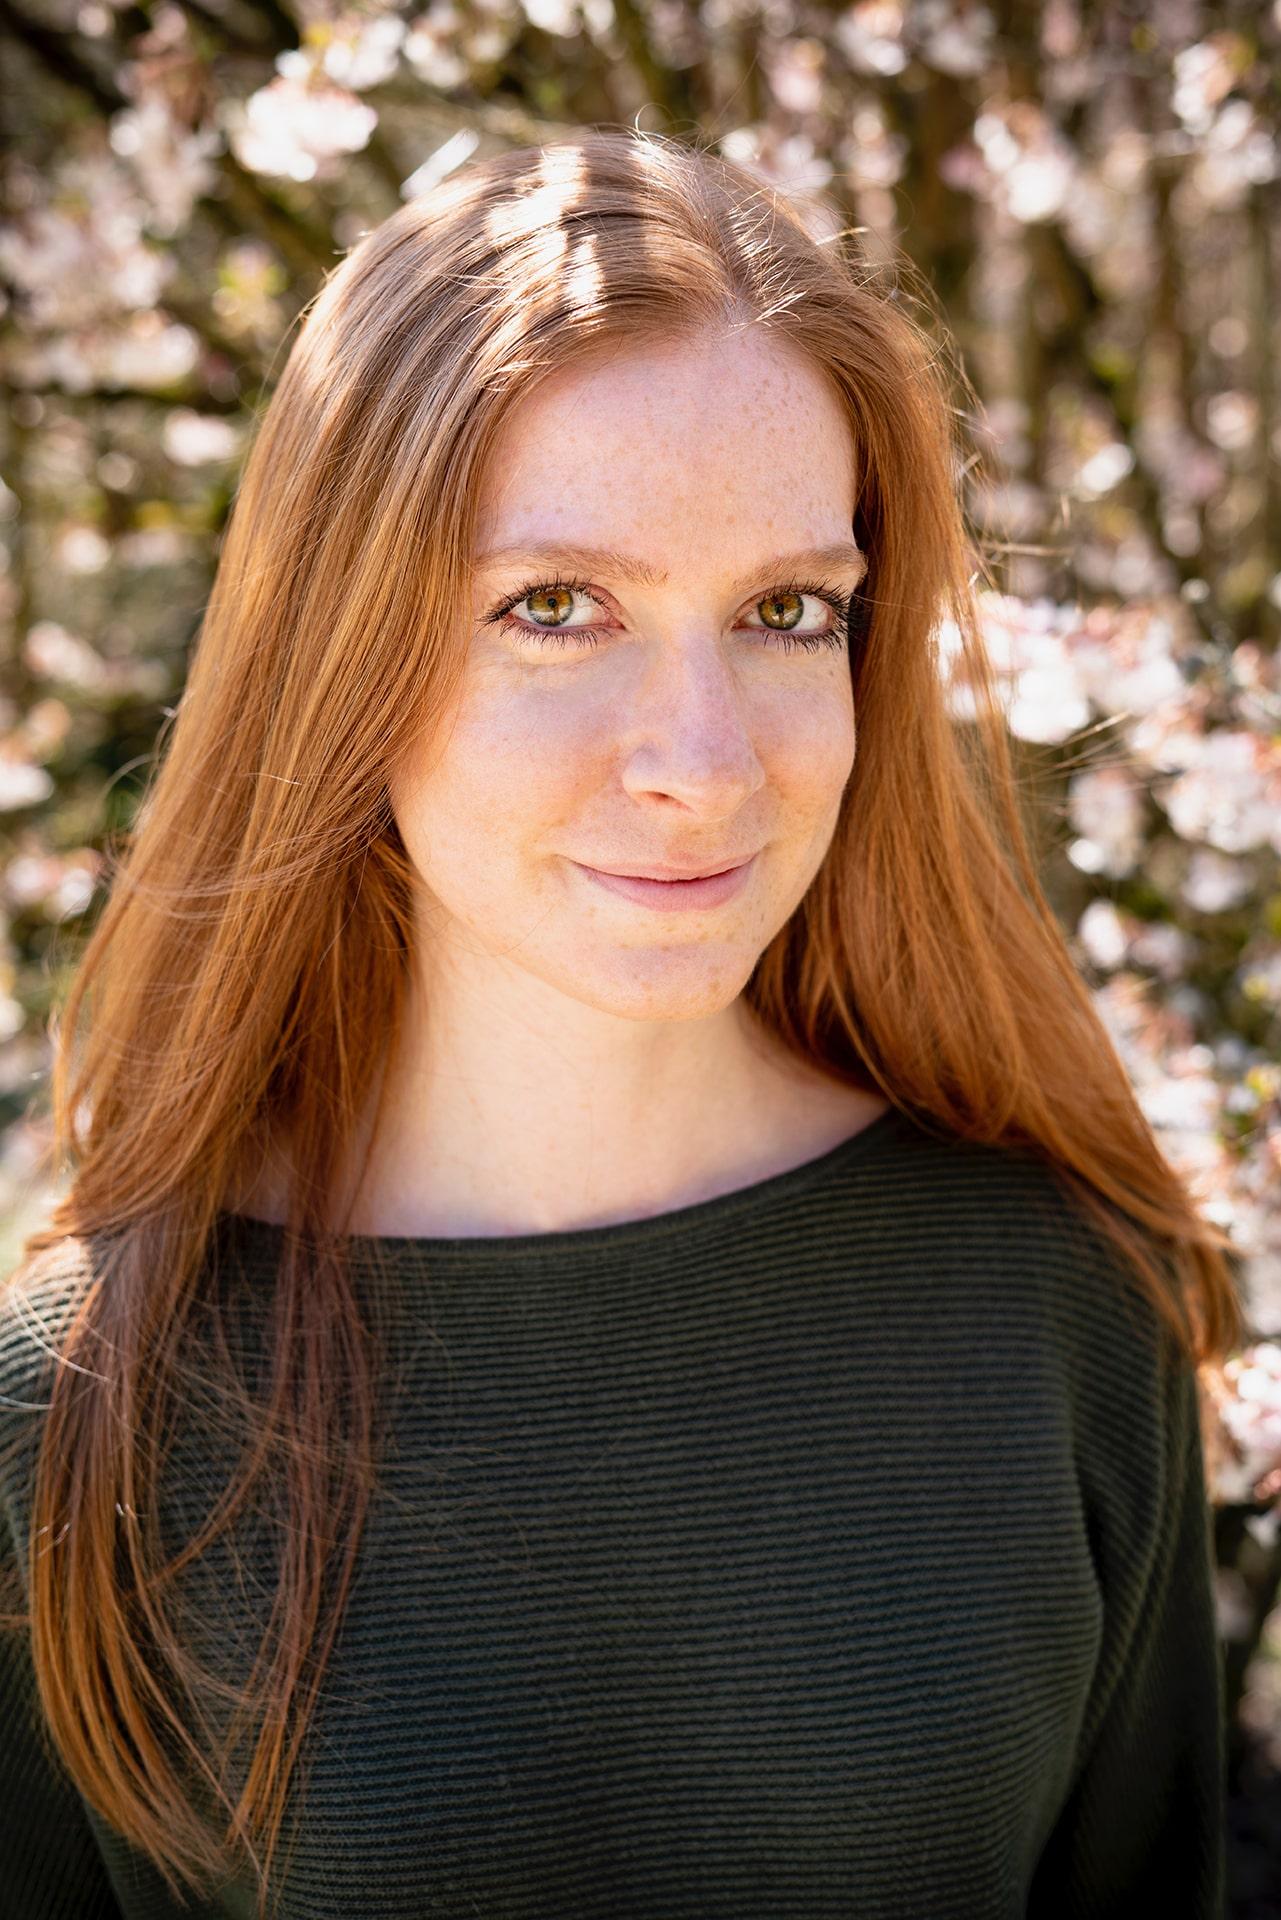 Blog Lifestyle - Zen in the Jungle parle de Suivre sa Joie - Suivre sa Joie - Saskia Parein